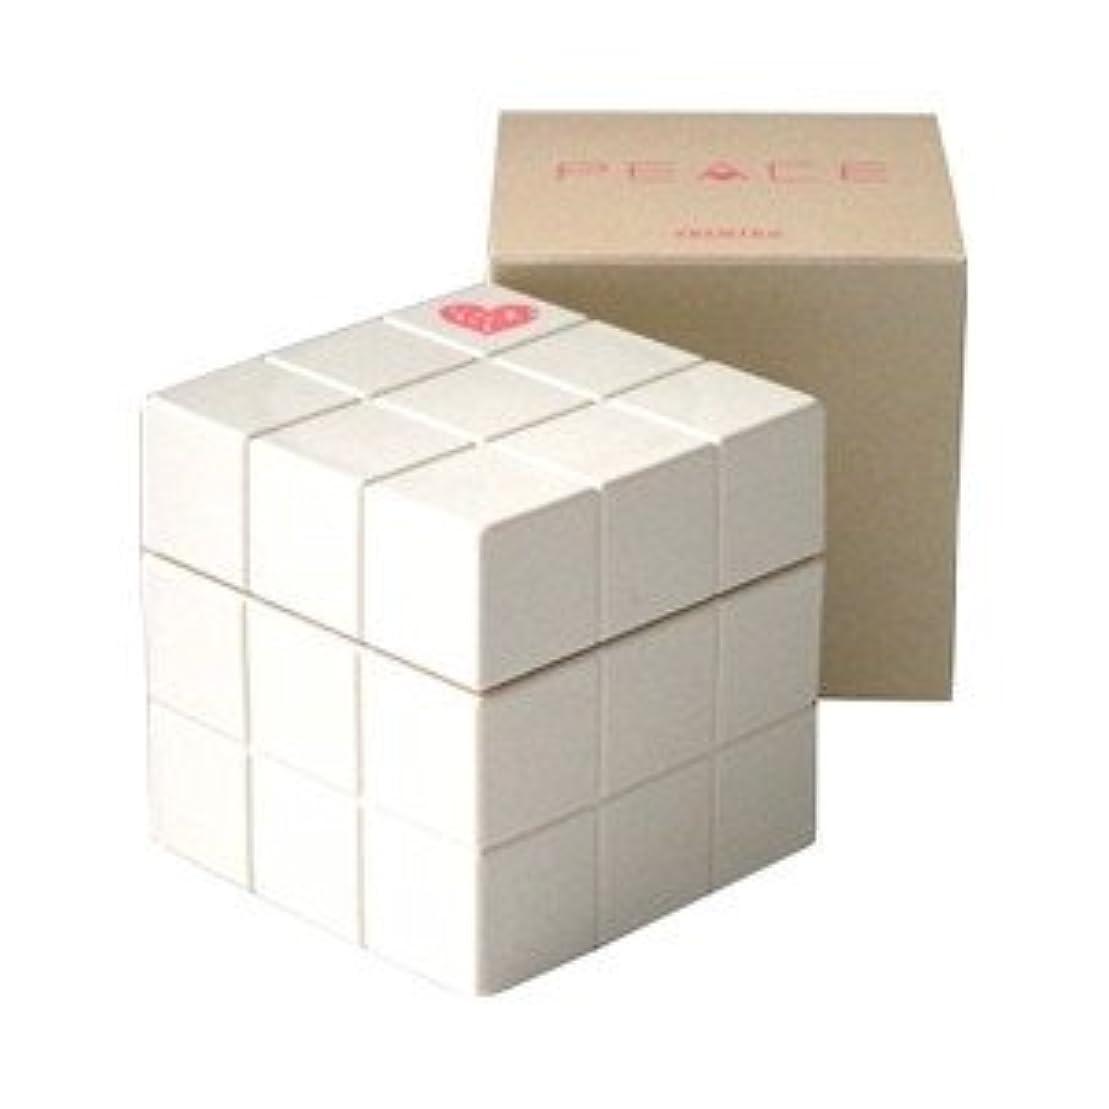 保護するリーフレットほのめかすアリミノ ピース ニュアンス wax (バニラ) 80g